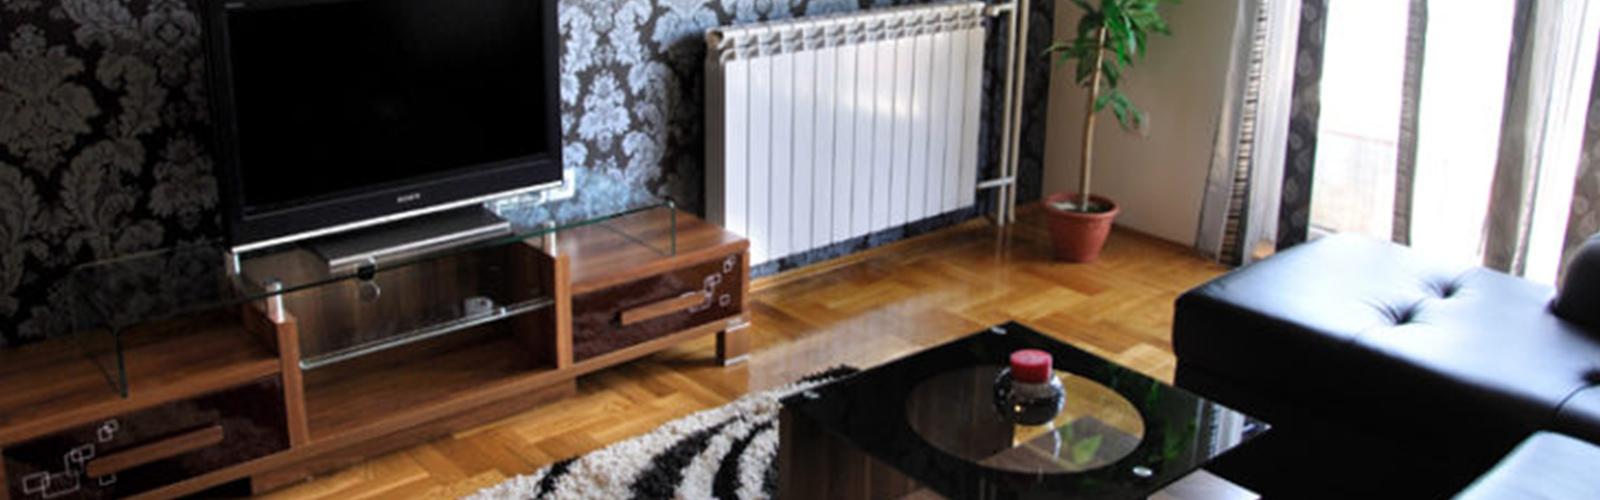 Concierge Belgrade | Apartman Delta Top 48